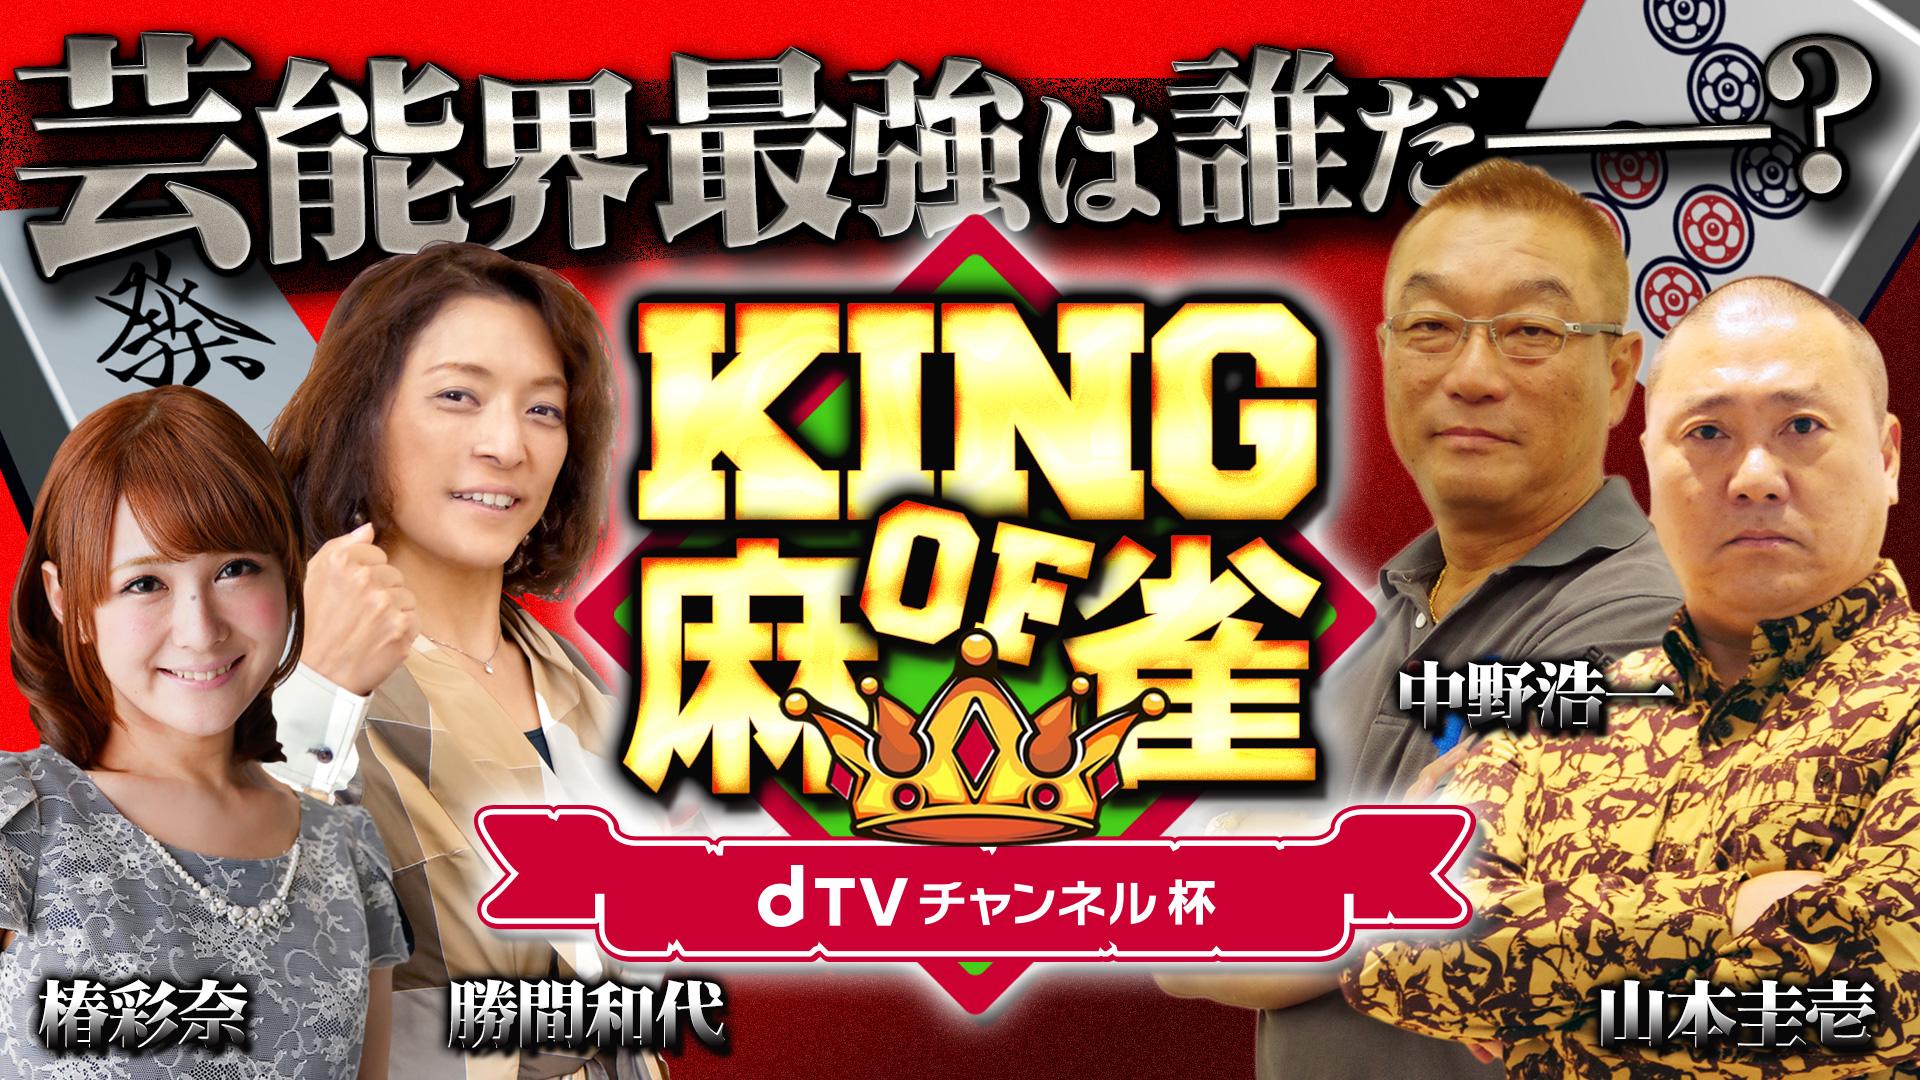 【サムネイル】dTVチャンネル杯